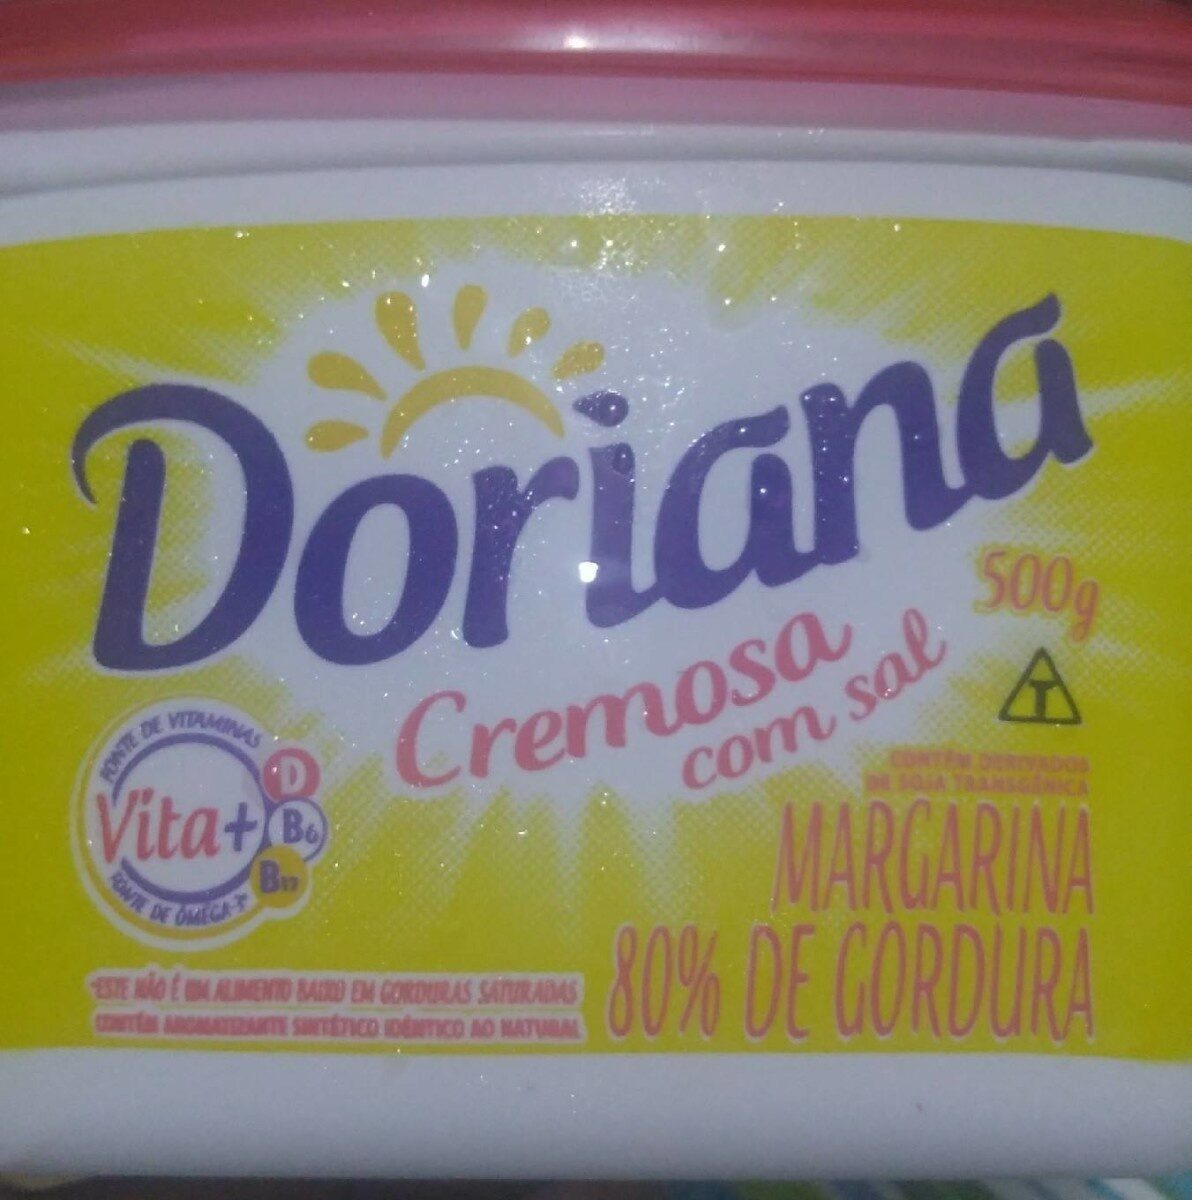 Doriana Cremosa com sal - Produto - pt